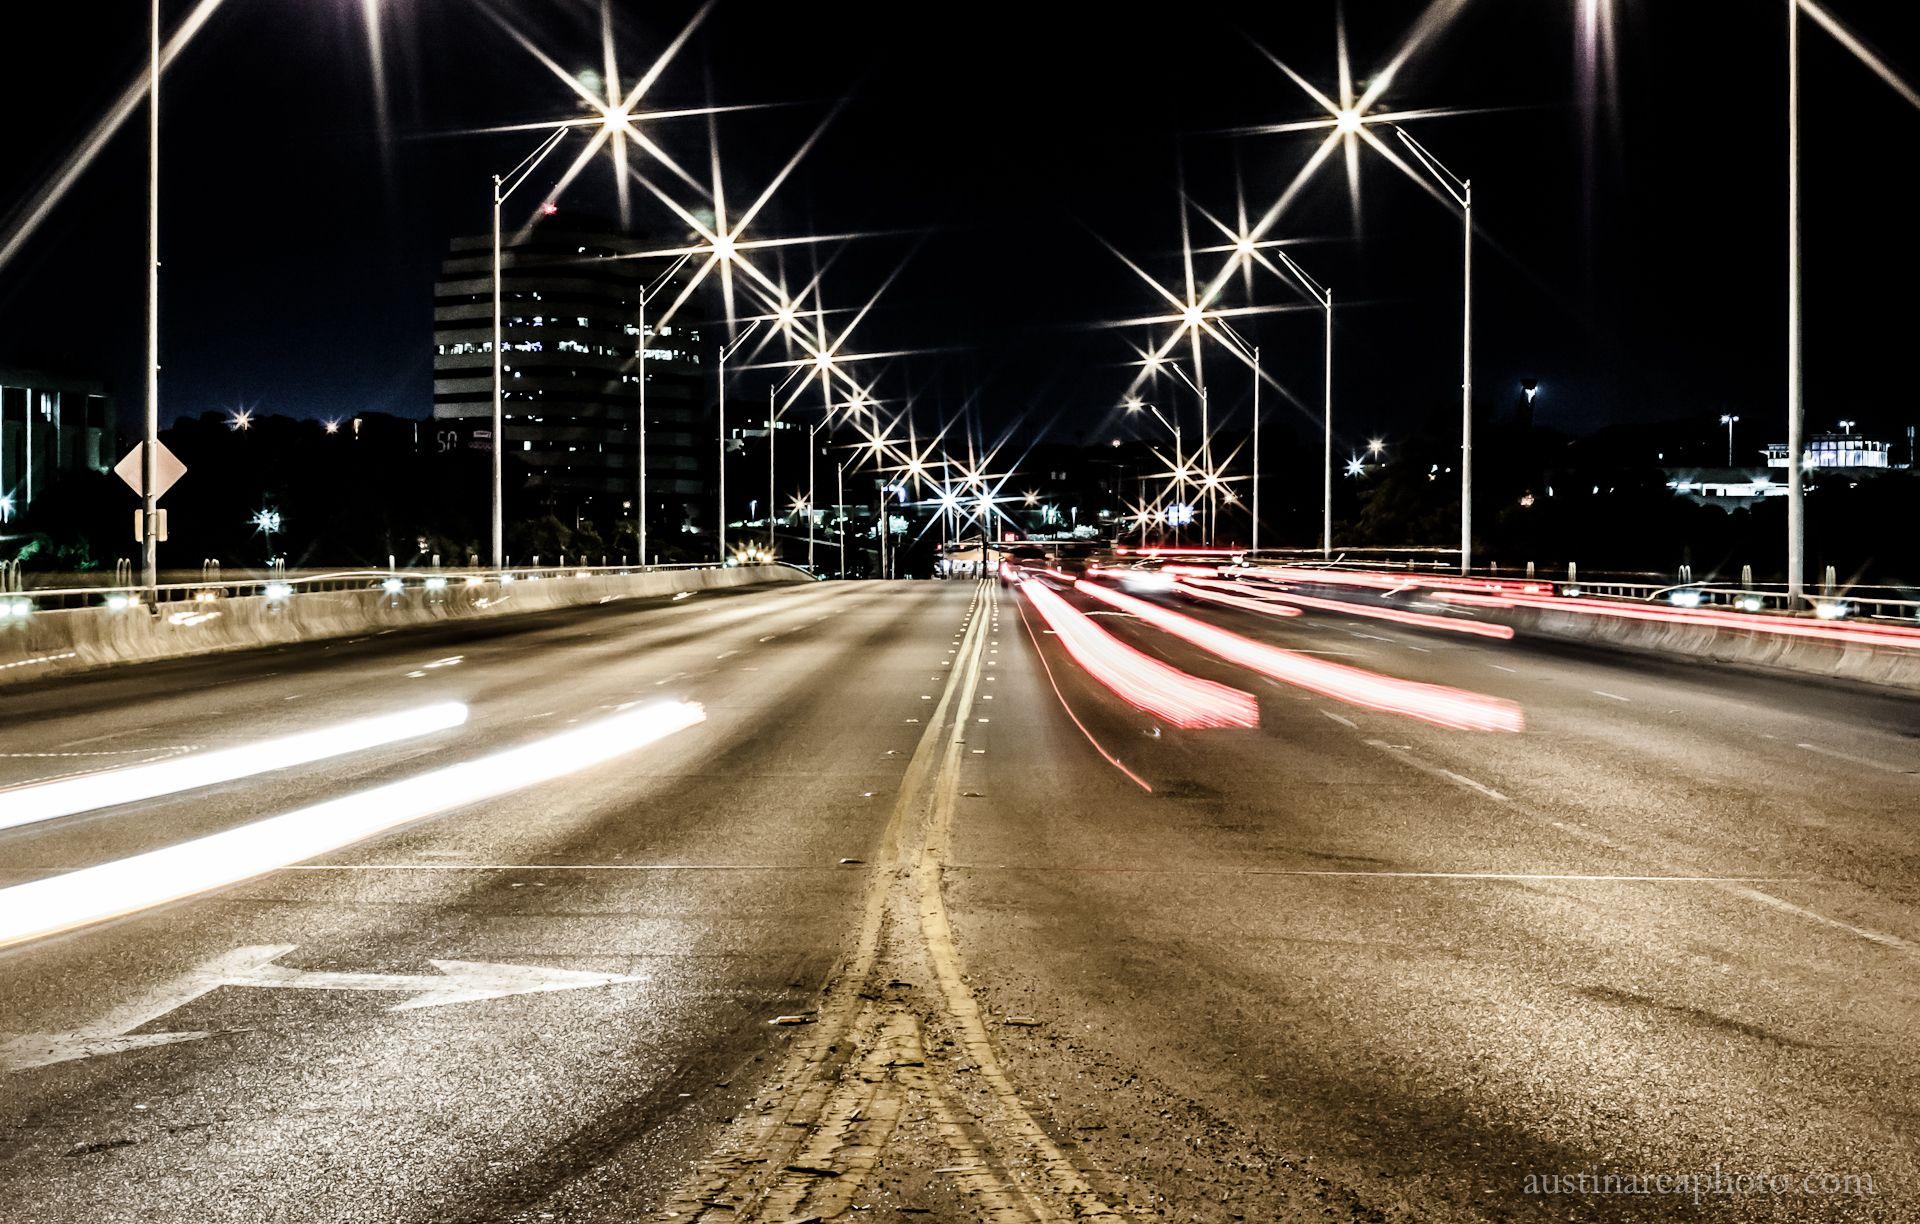 austin-night-1st.jpg 1,920×1,224 pixels